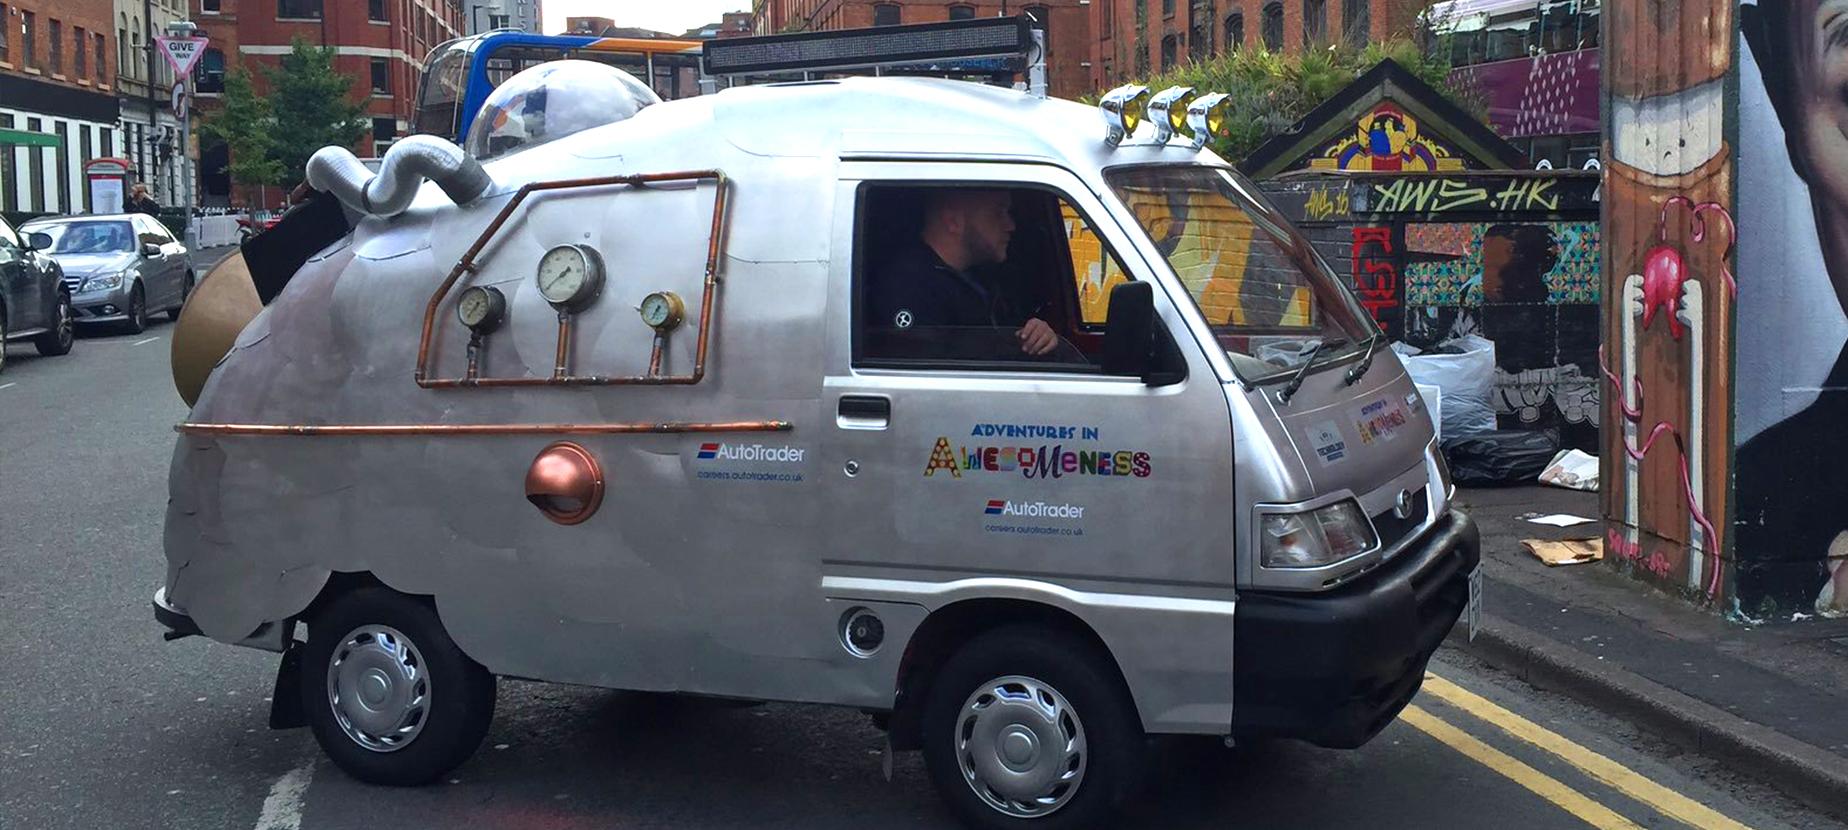 Awesomemobile